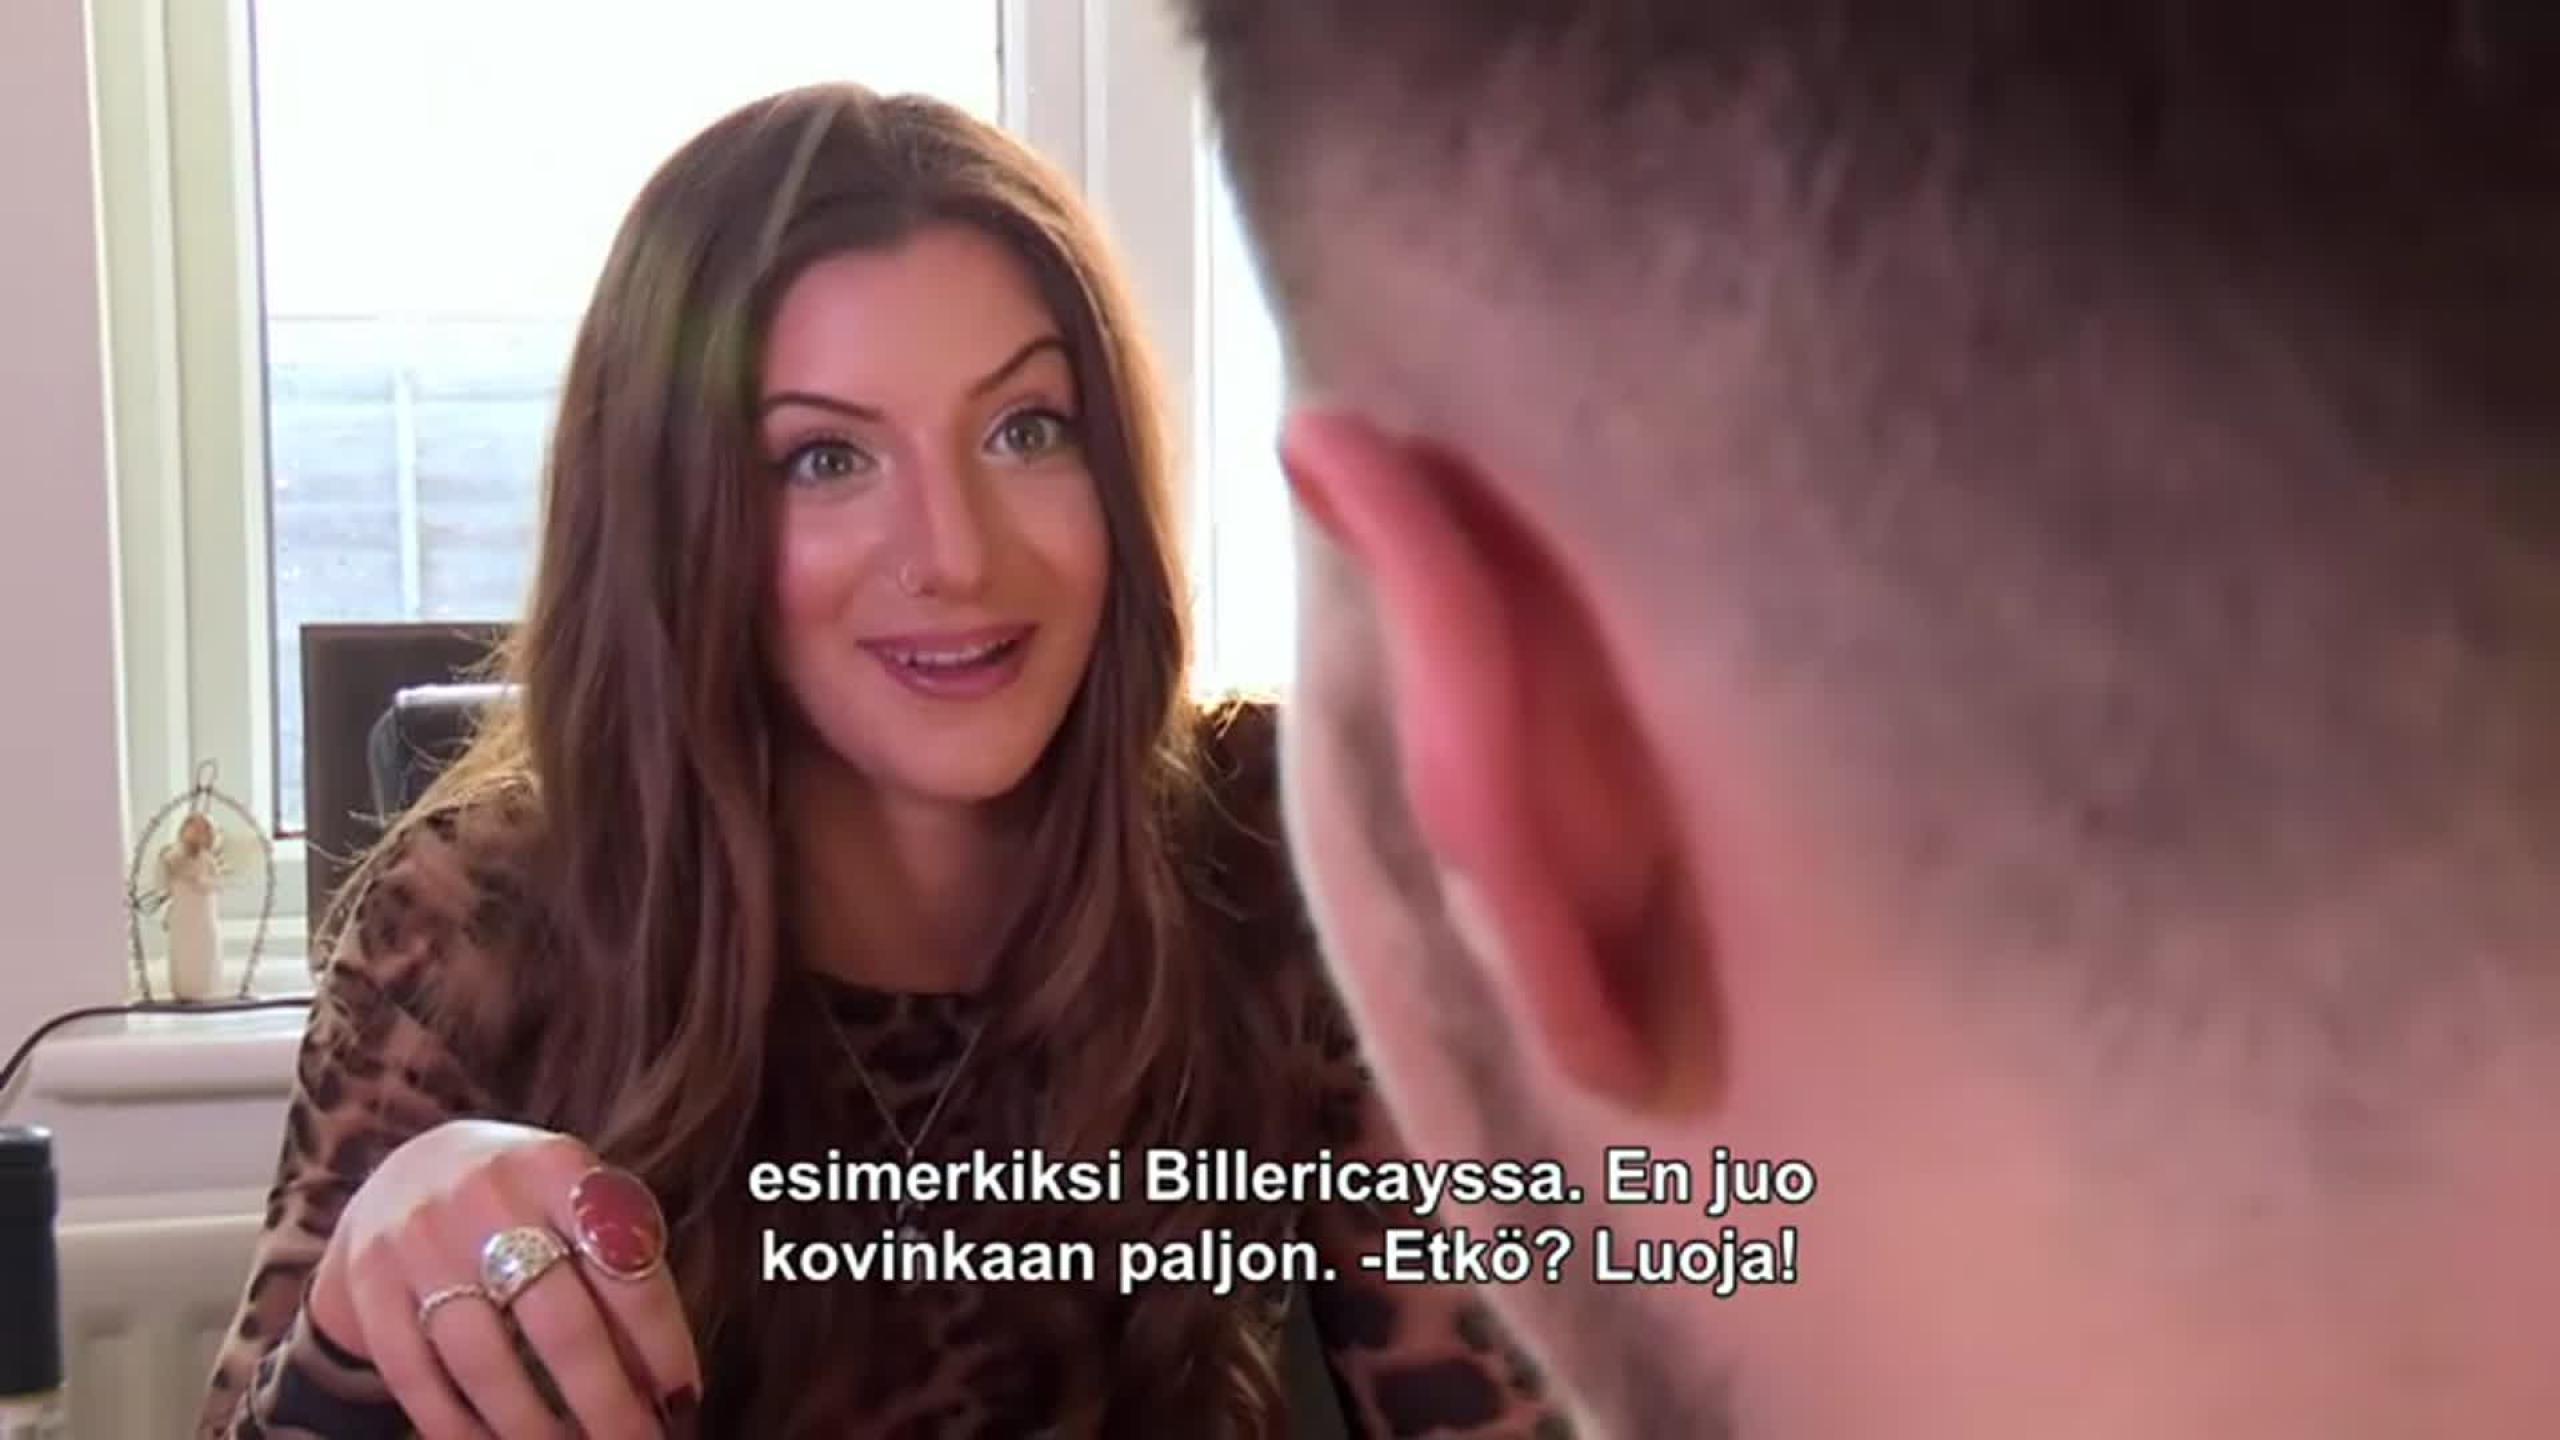 100 Ilmainen kreikkalainen dating site